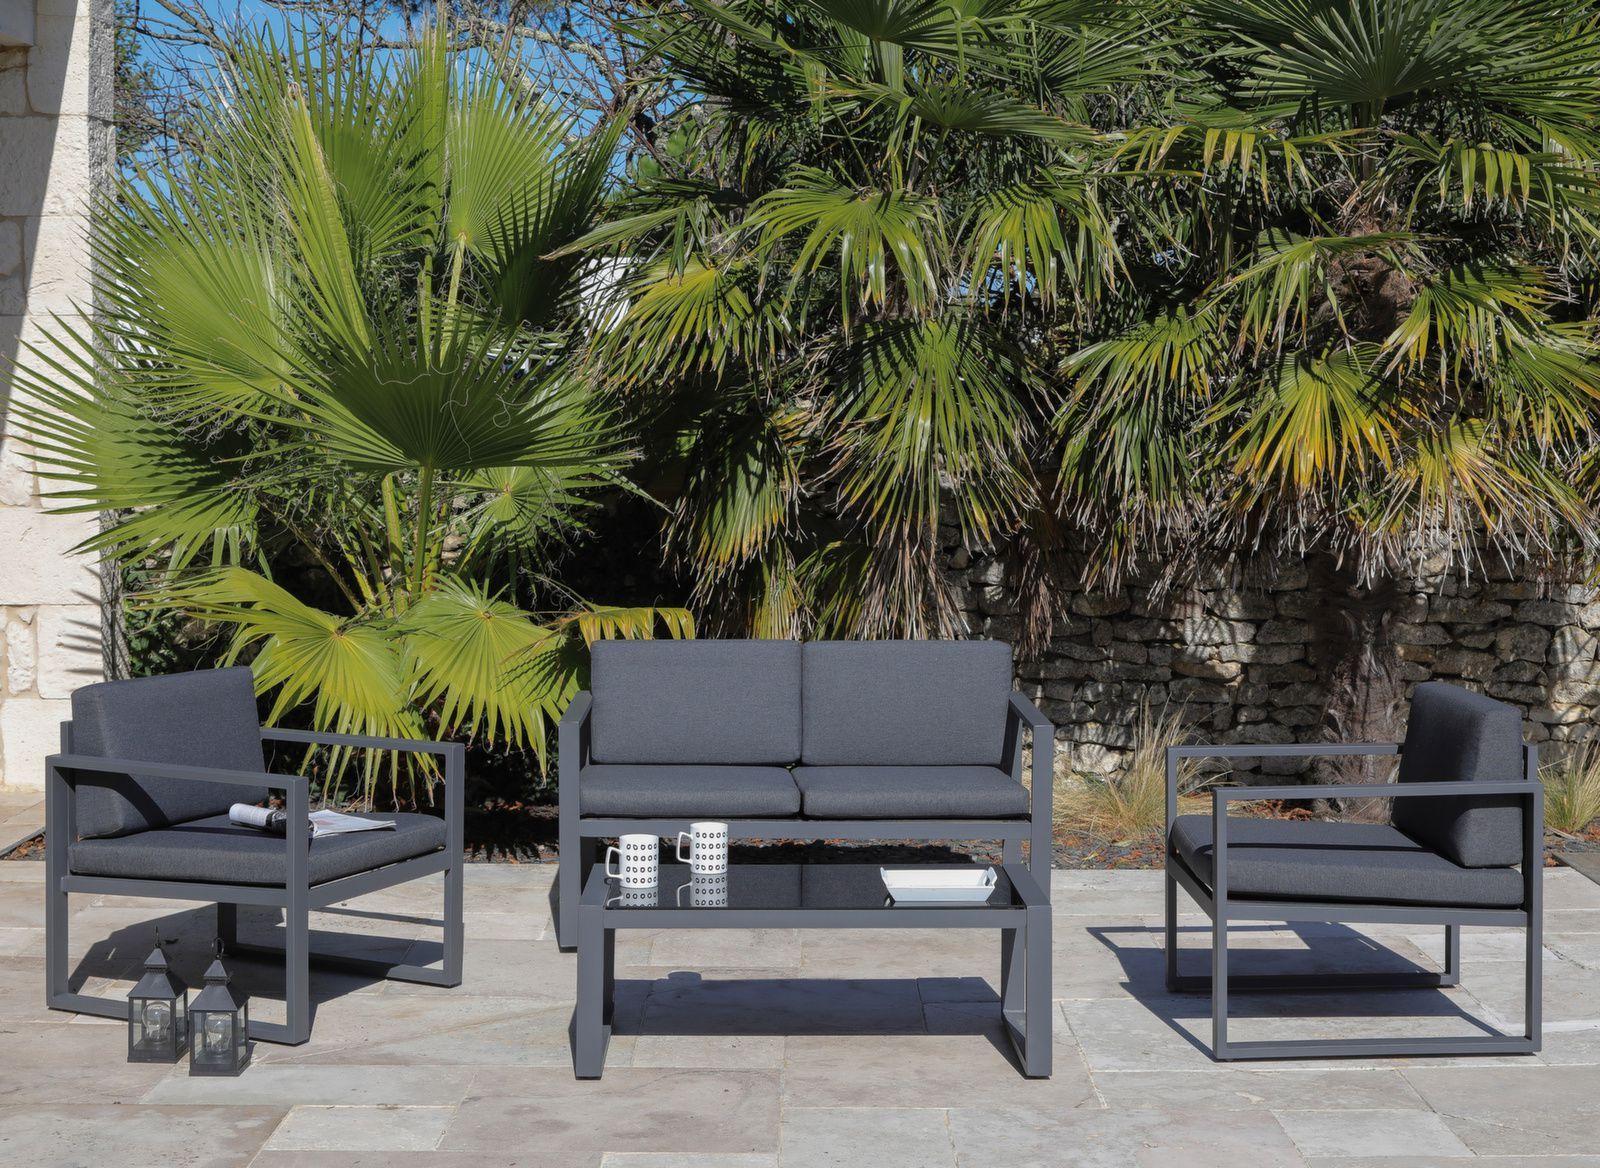 Salon De Jardin En Aluminium Avec Fauteuil Et Table Basse Salon De Jardin Salon D Exterieur Mobilier Jardin